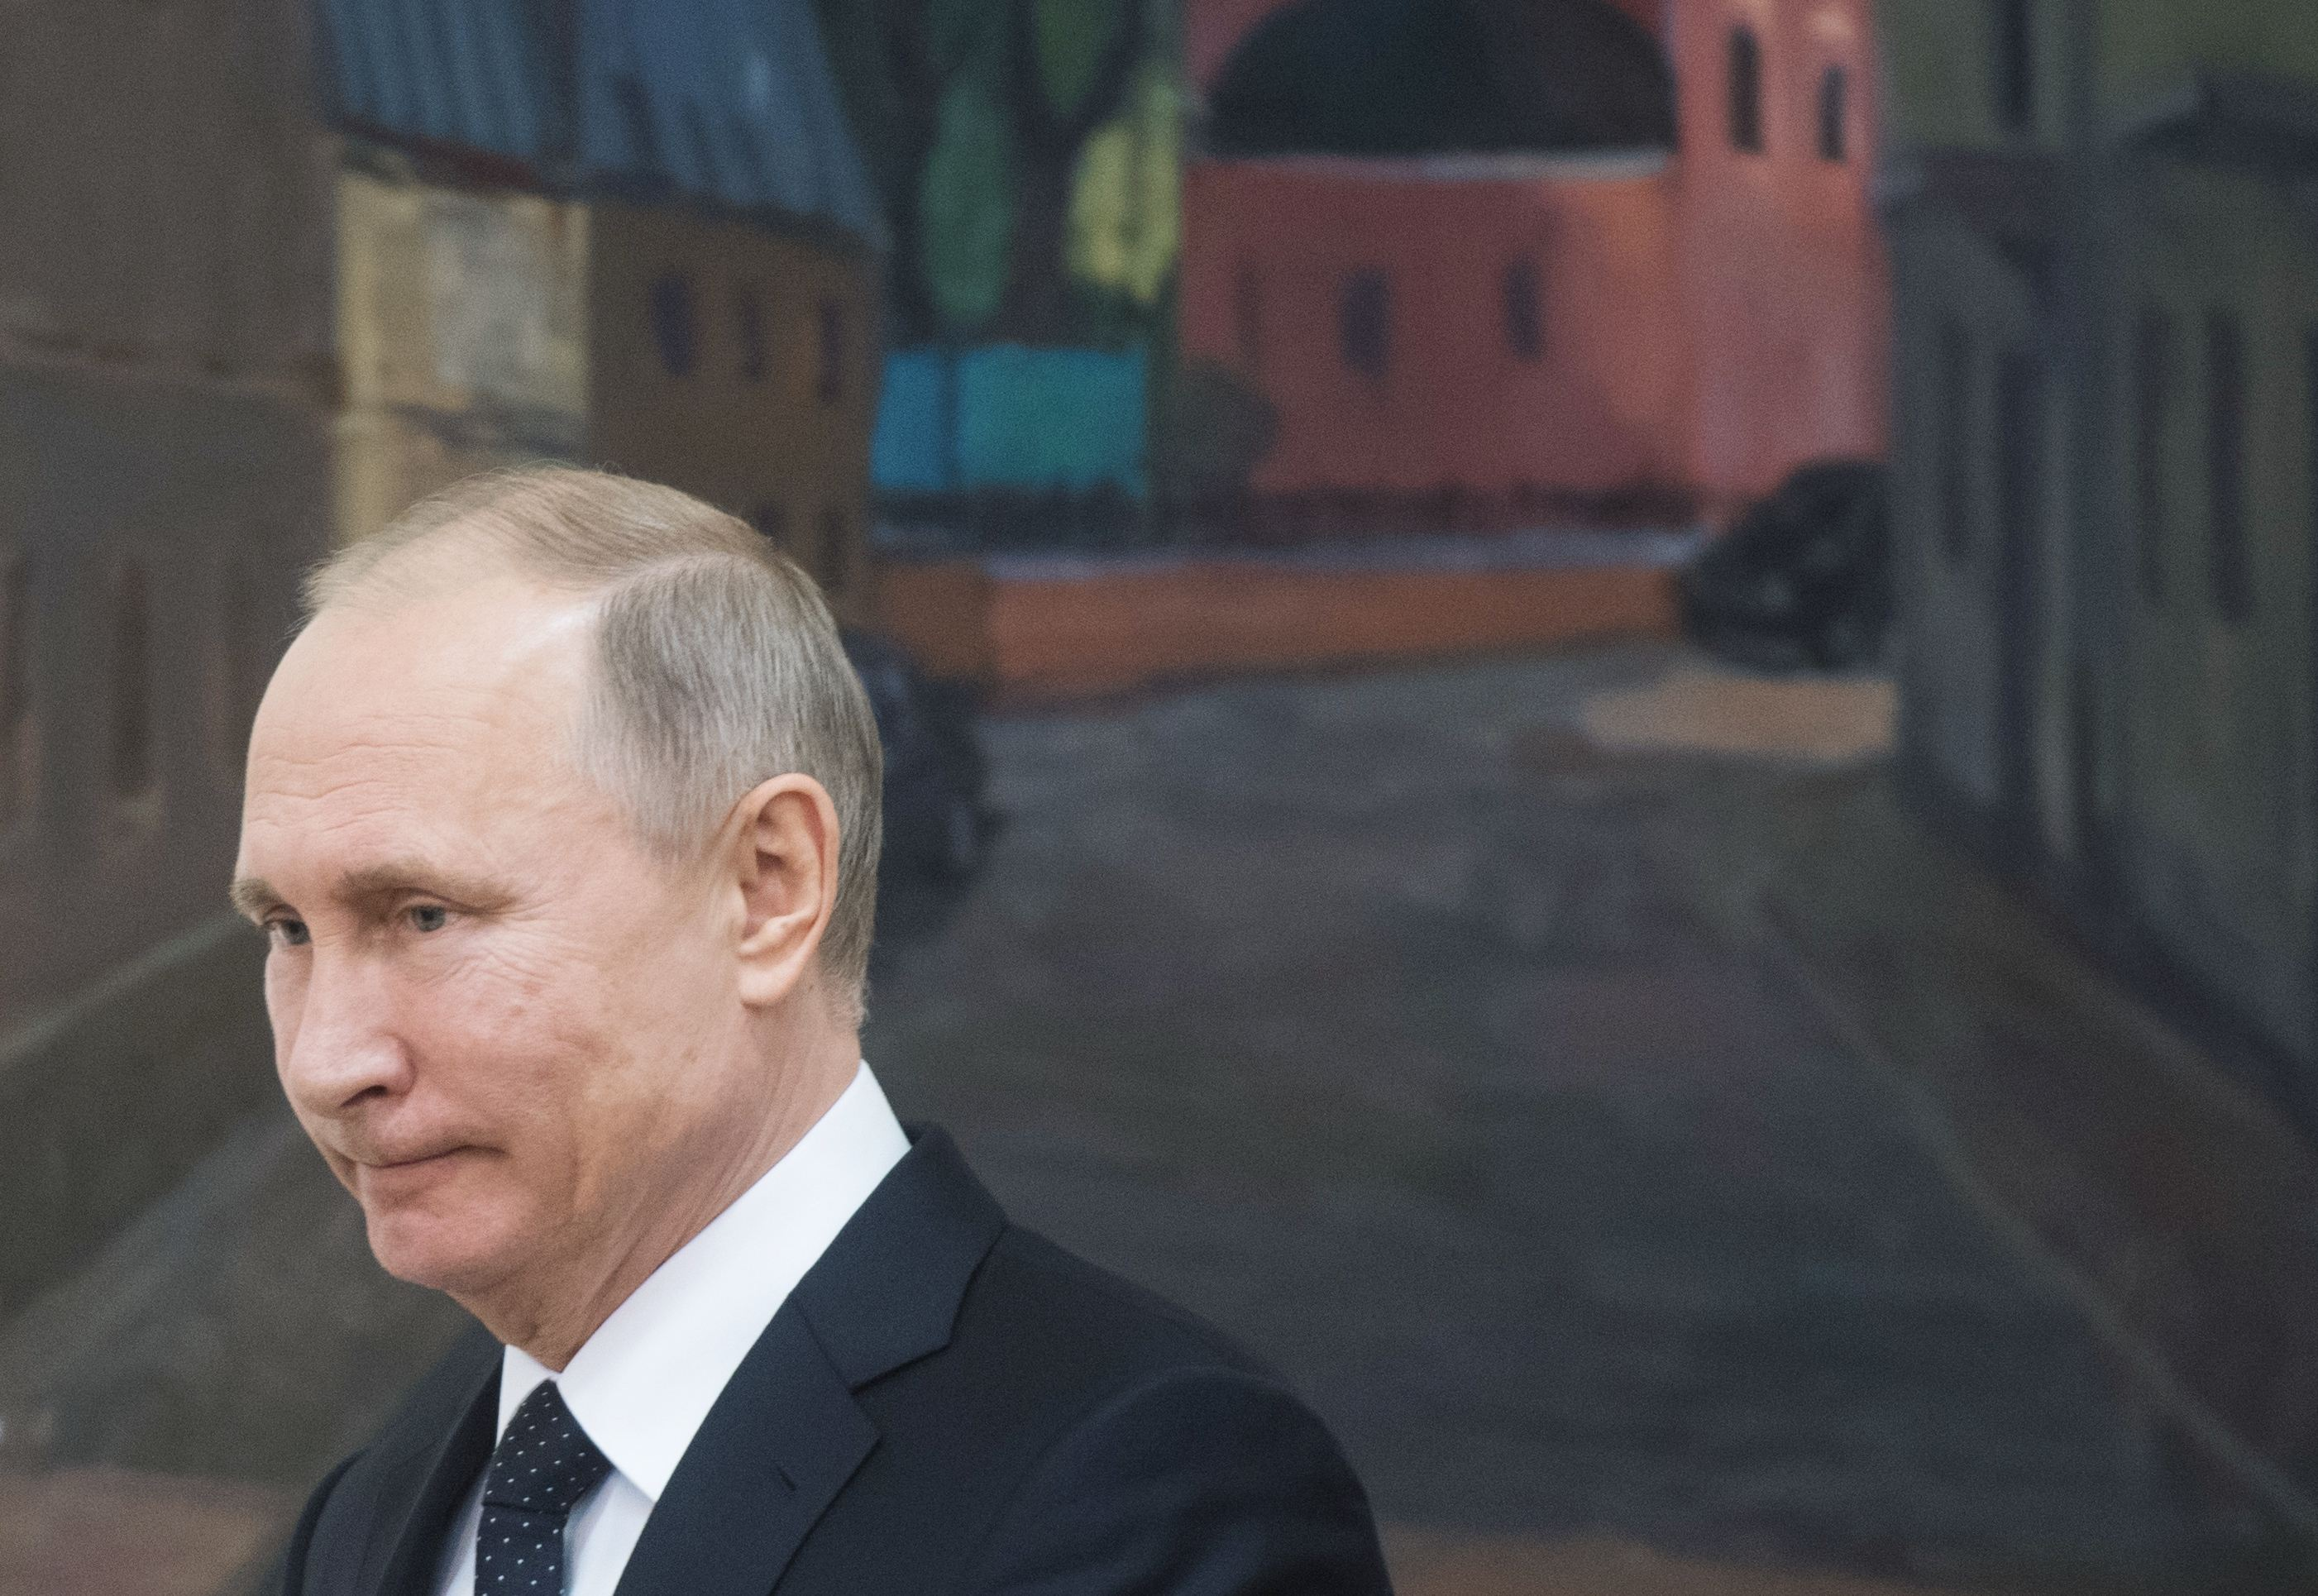 Administraţia Vladimir Putin condamnă decizia lui Donald Trump privind Ierusalimul